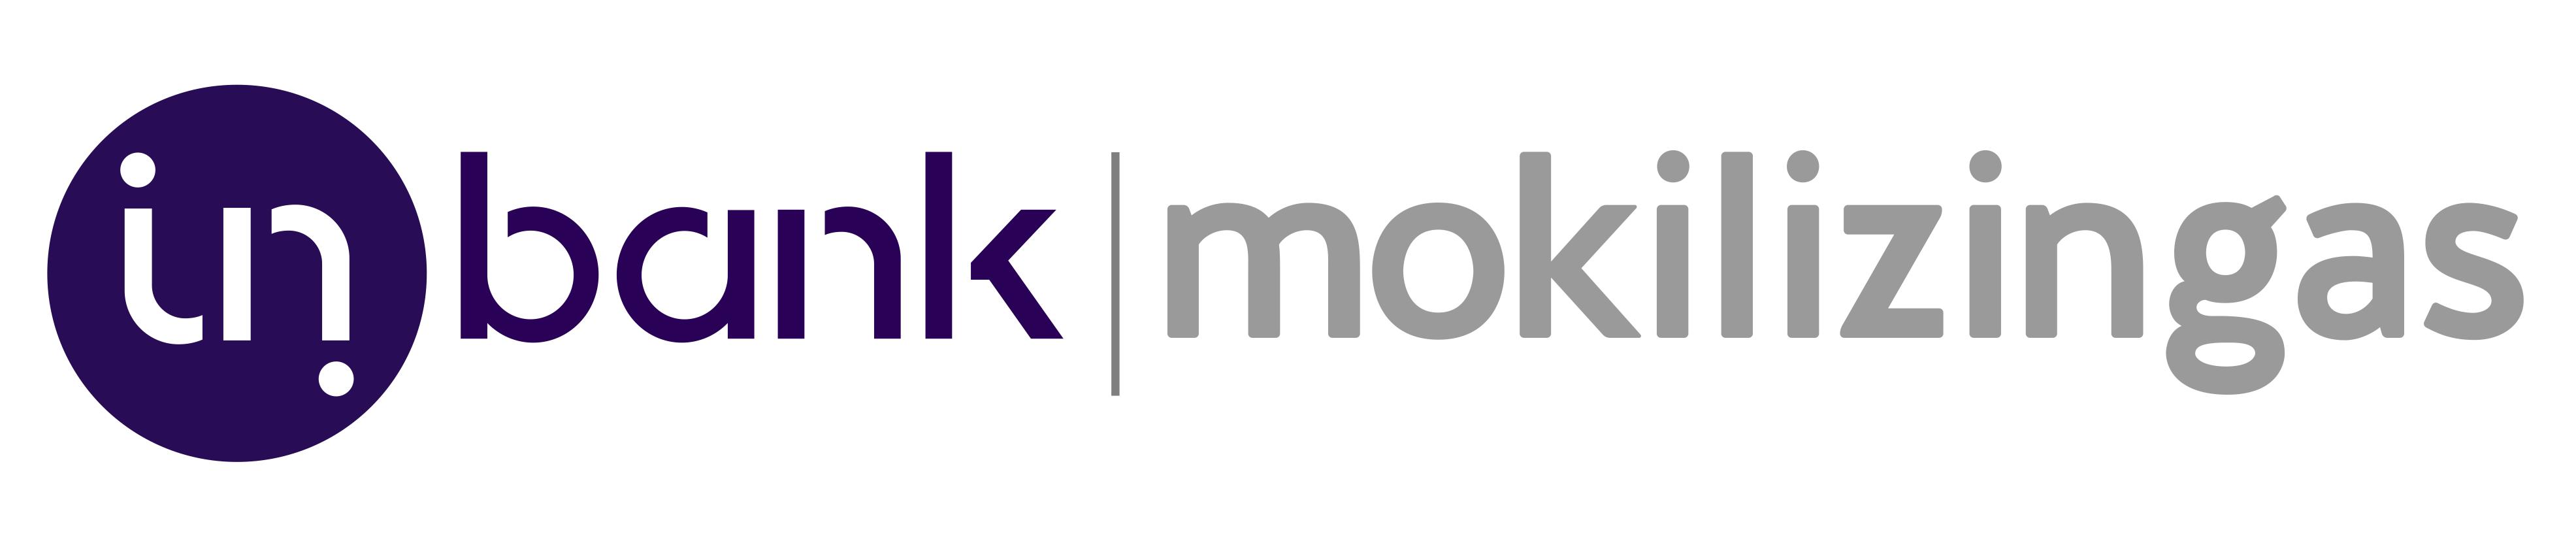 Inbank_Mokilizingas2